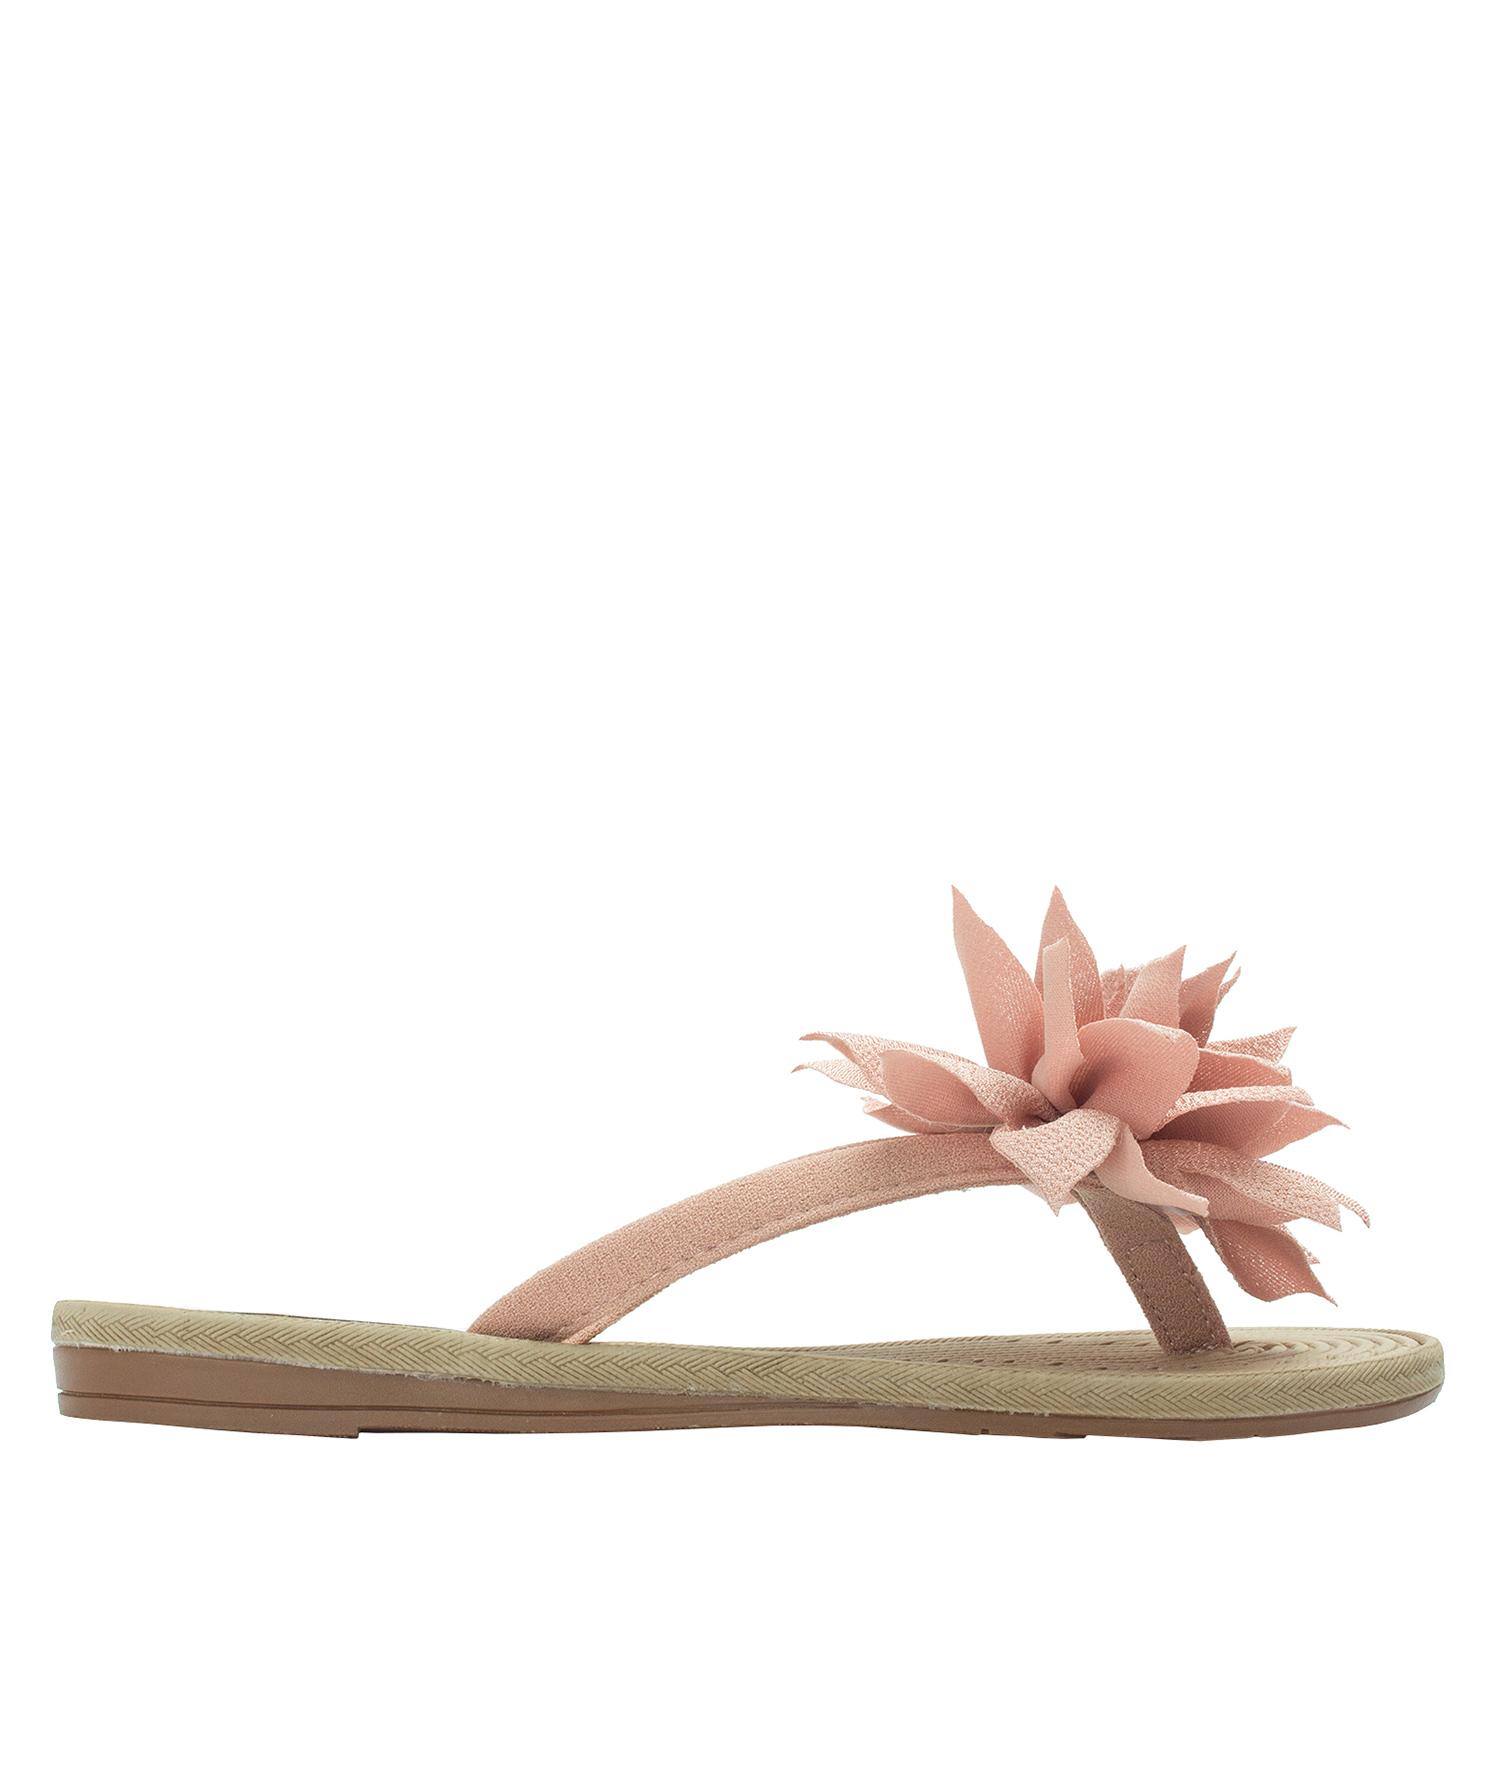 536331d7d0409 AnnaKastle Womens Big Flower Flip Flops Beach Sandals Tulip